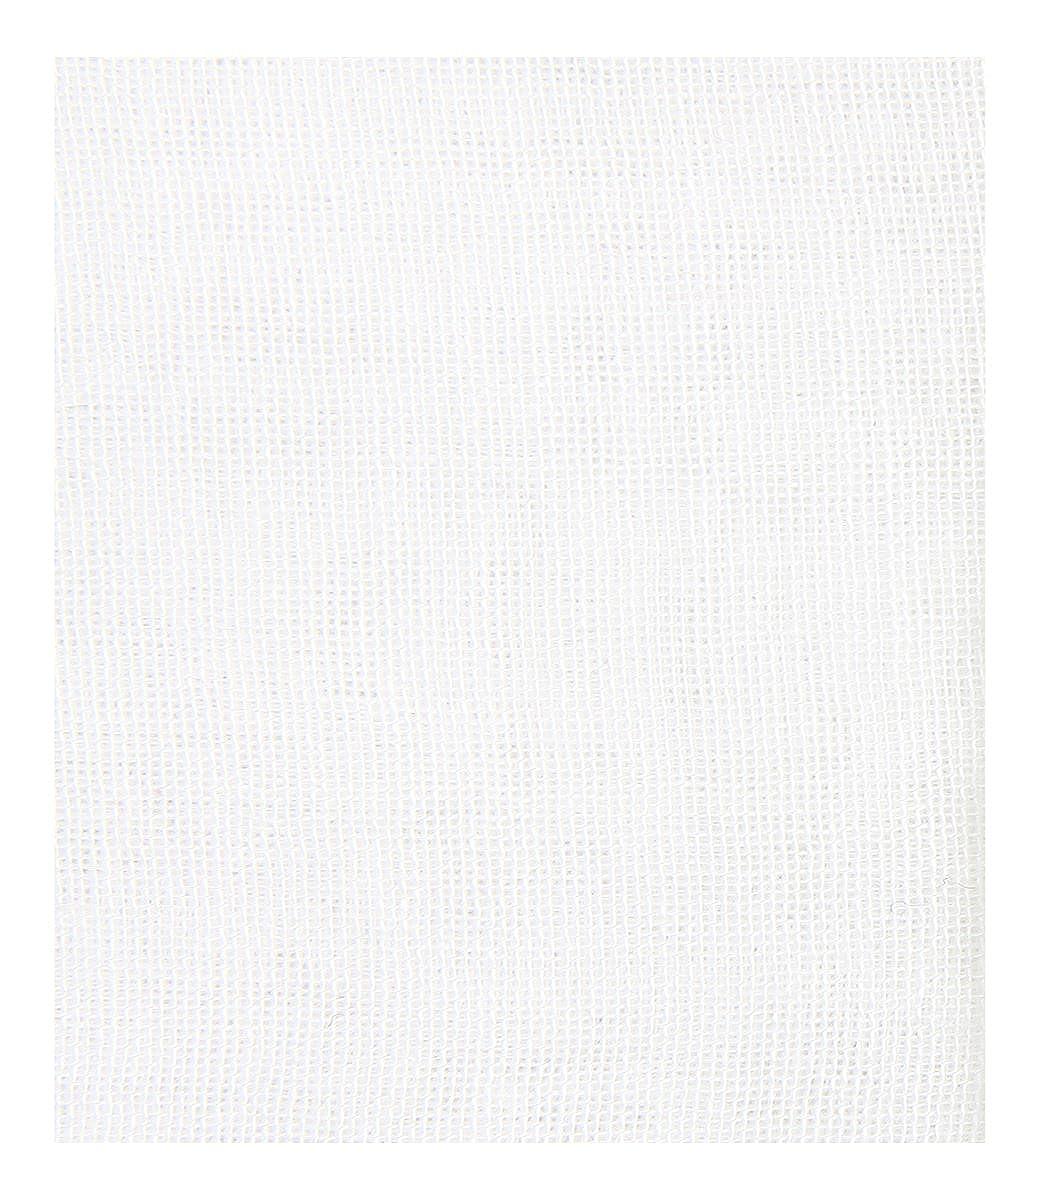 deae3d858413a3 Majea Tuch Lima schmal geschnittenes Damen-Halstuch leicht uni einfarbig  dünn unifarben Schal weich Sommerschal größeres Bild